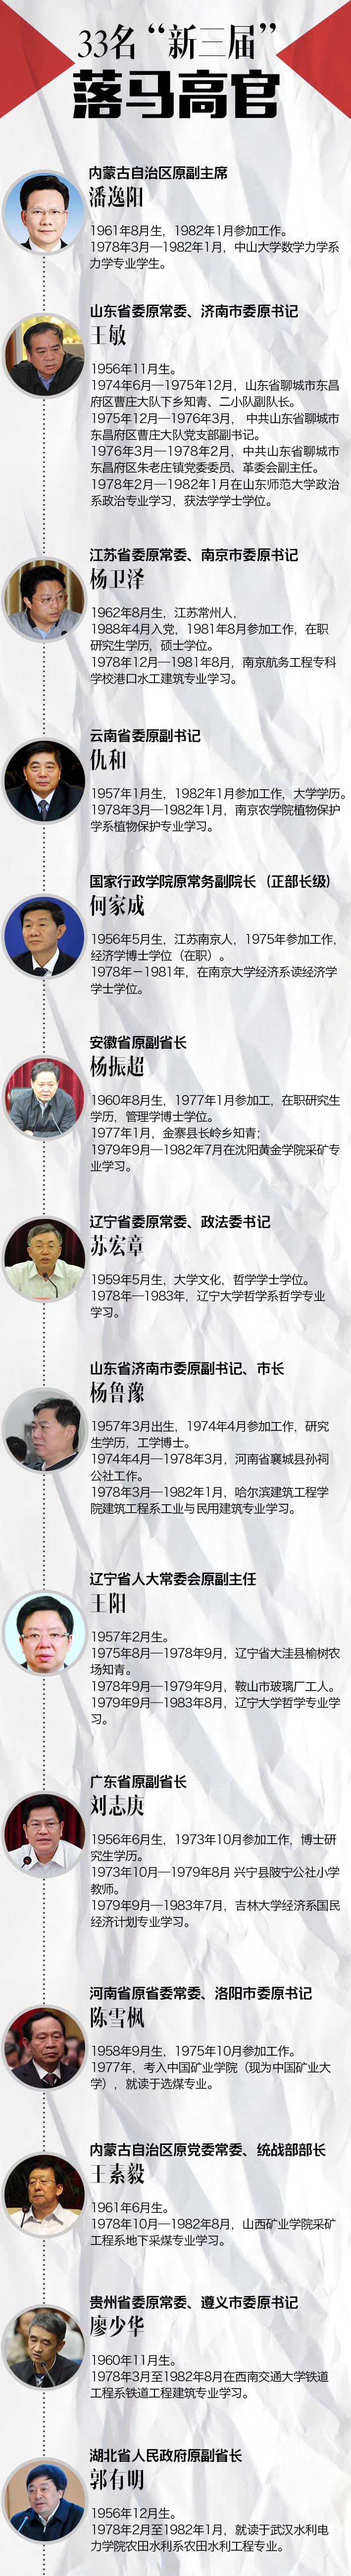 """百余名省部级大老虎 三成是恢复高考后""""新三届""""大学生"""